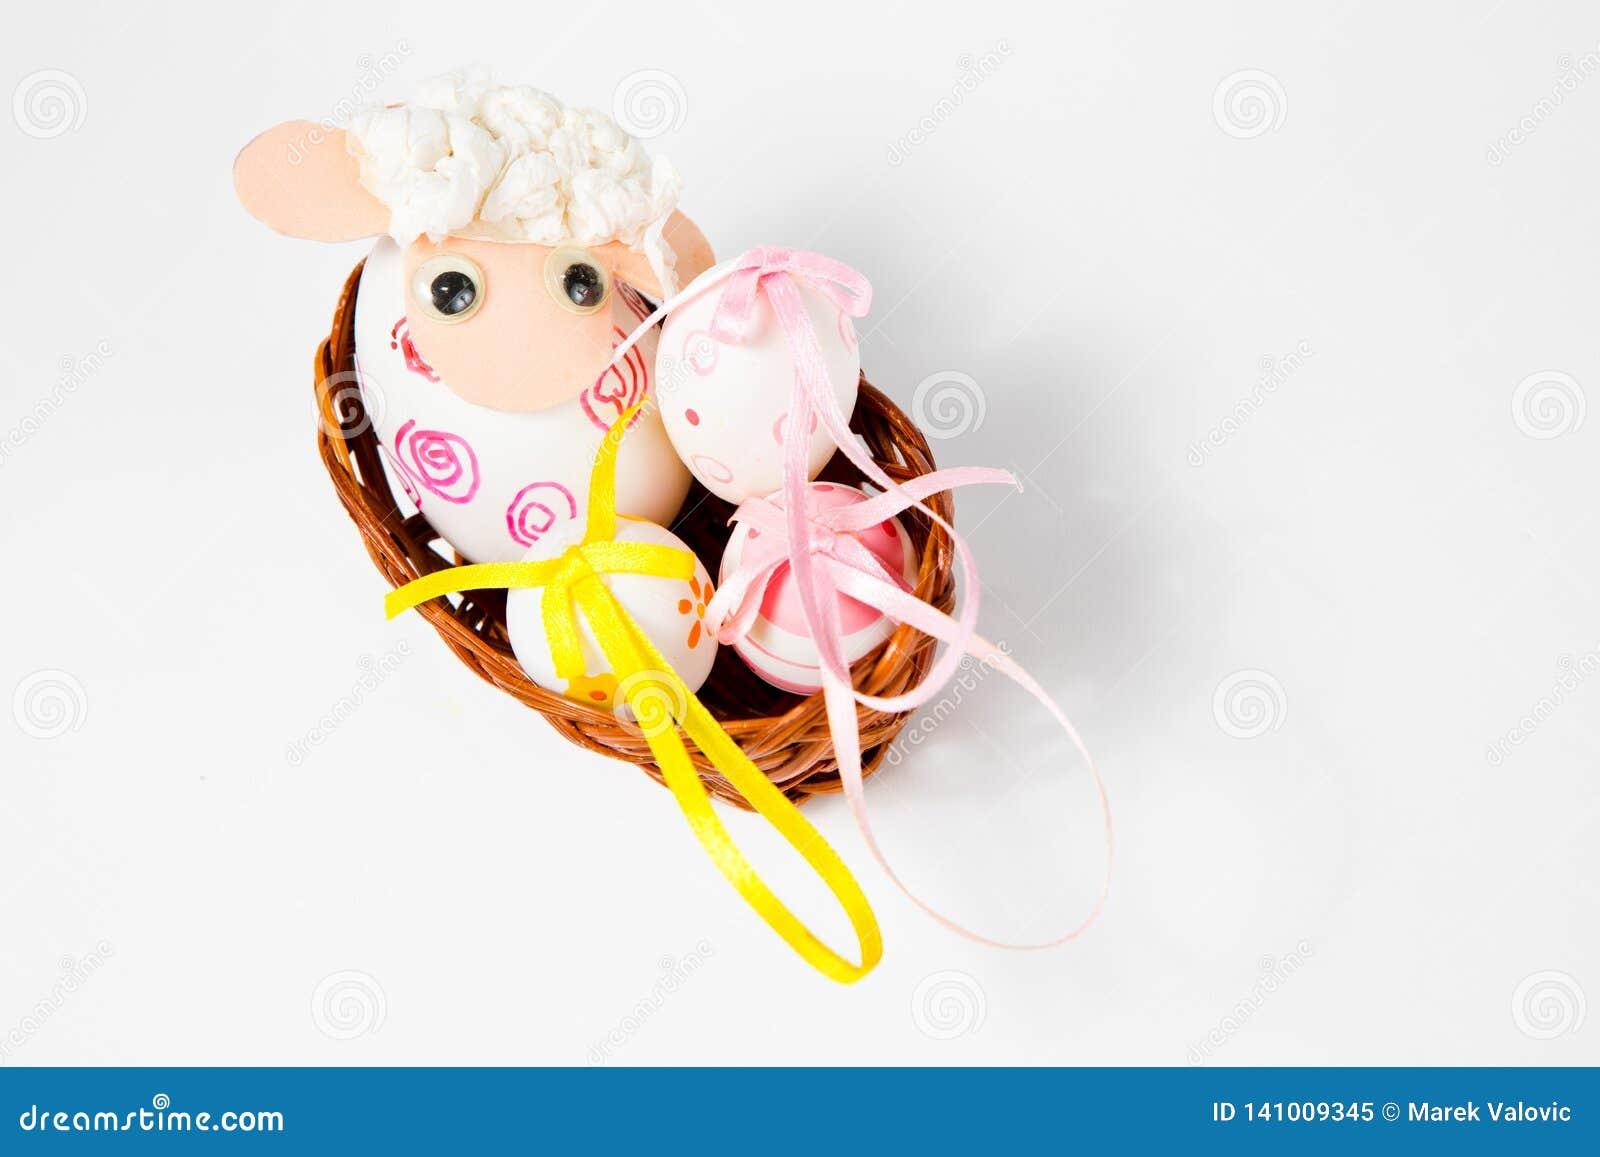 Overladen eierschalen als schip - lam in het nest - hand - maakte Pasen-decoratie